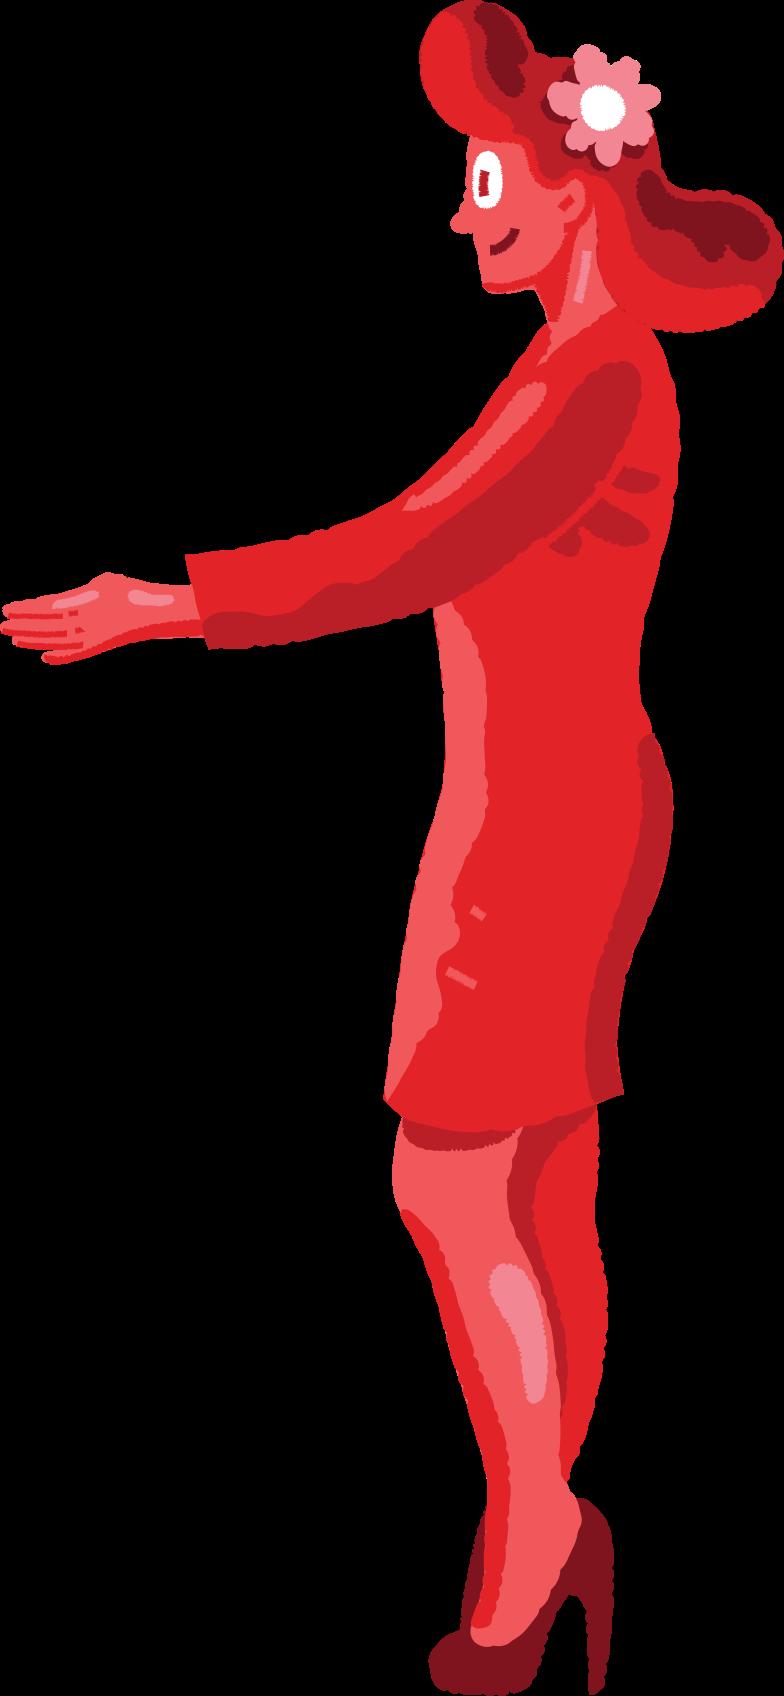 Illustration clipart woman aux formats PNG, SVG